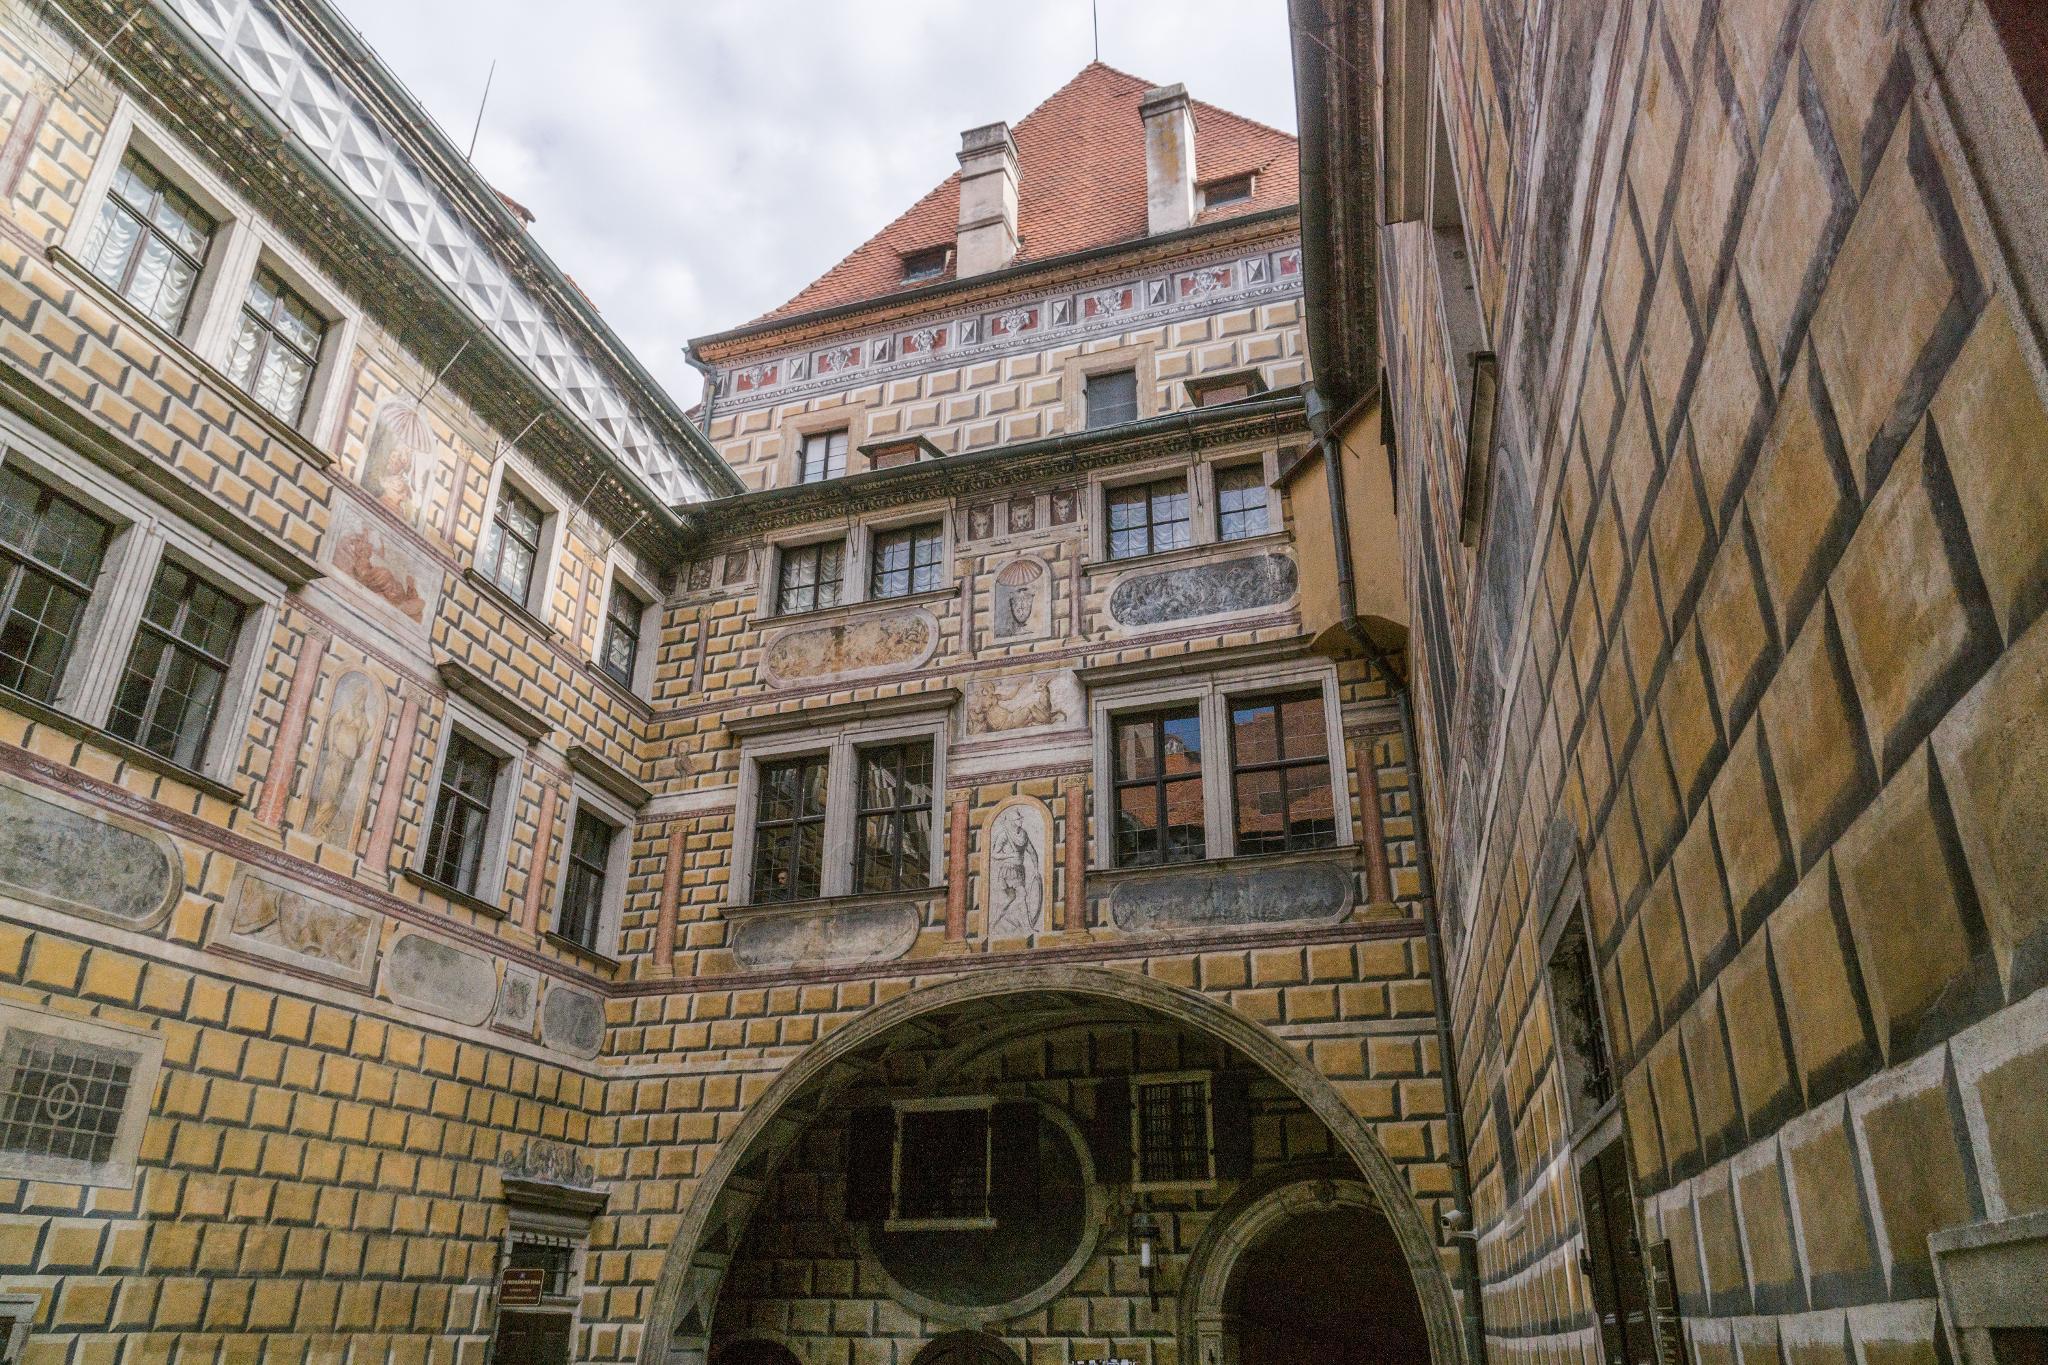 【捷克】穿越時空的波希米亞狂想曲 — Český Krumlov Castle 庫倫諾夫城堡 17